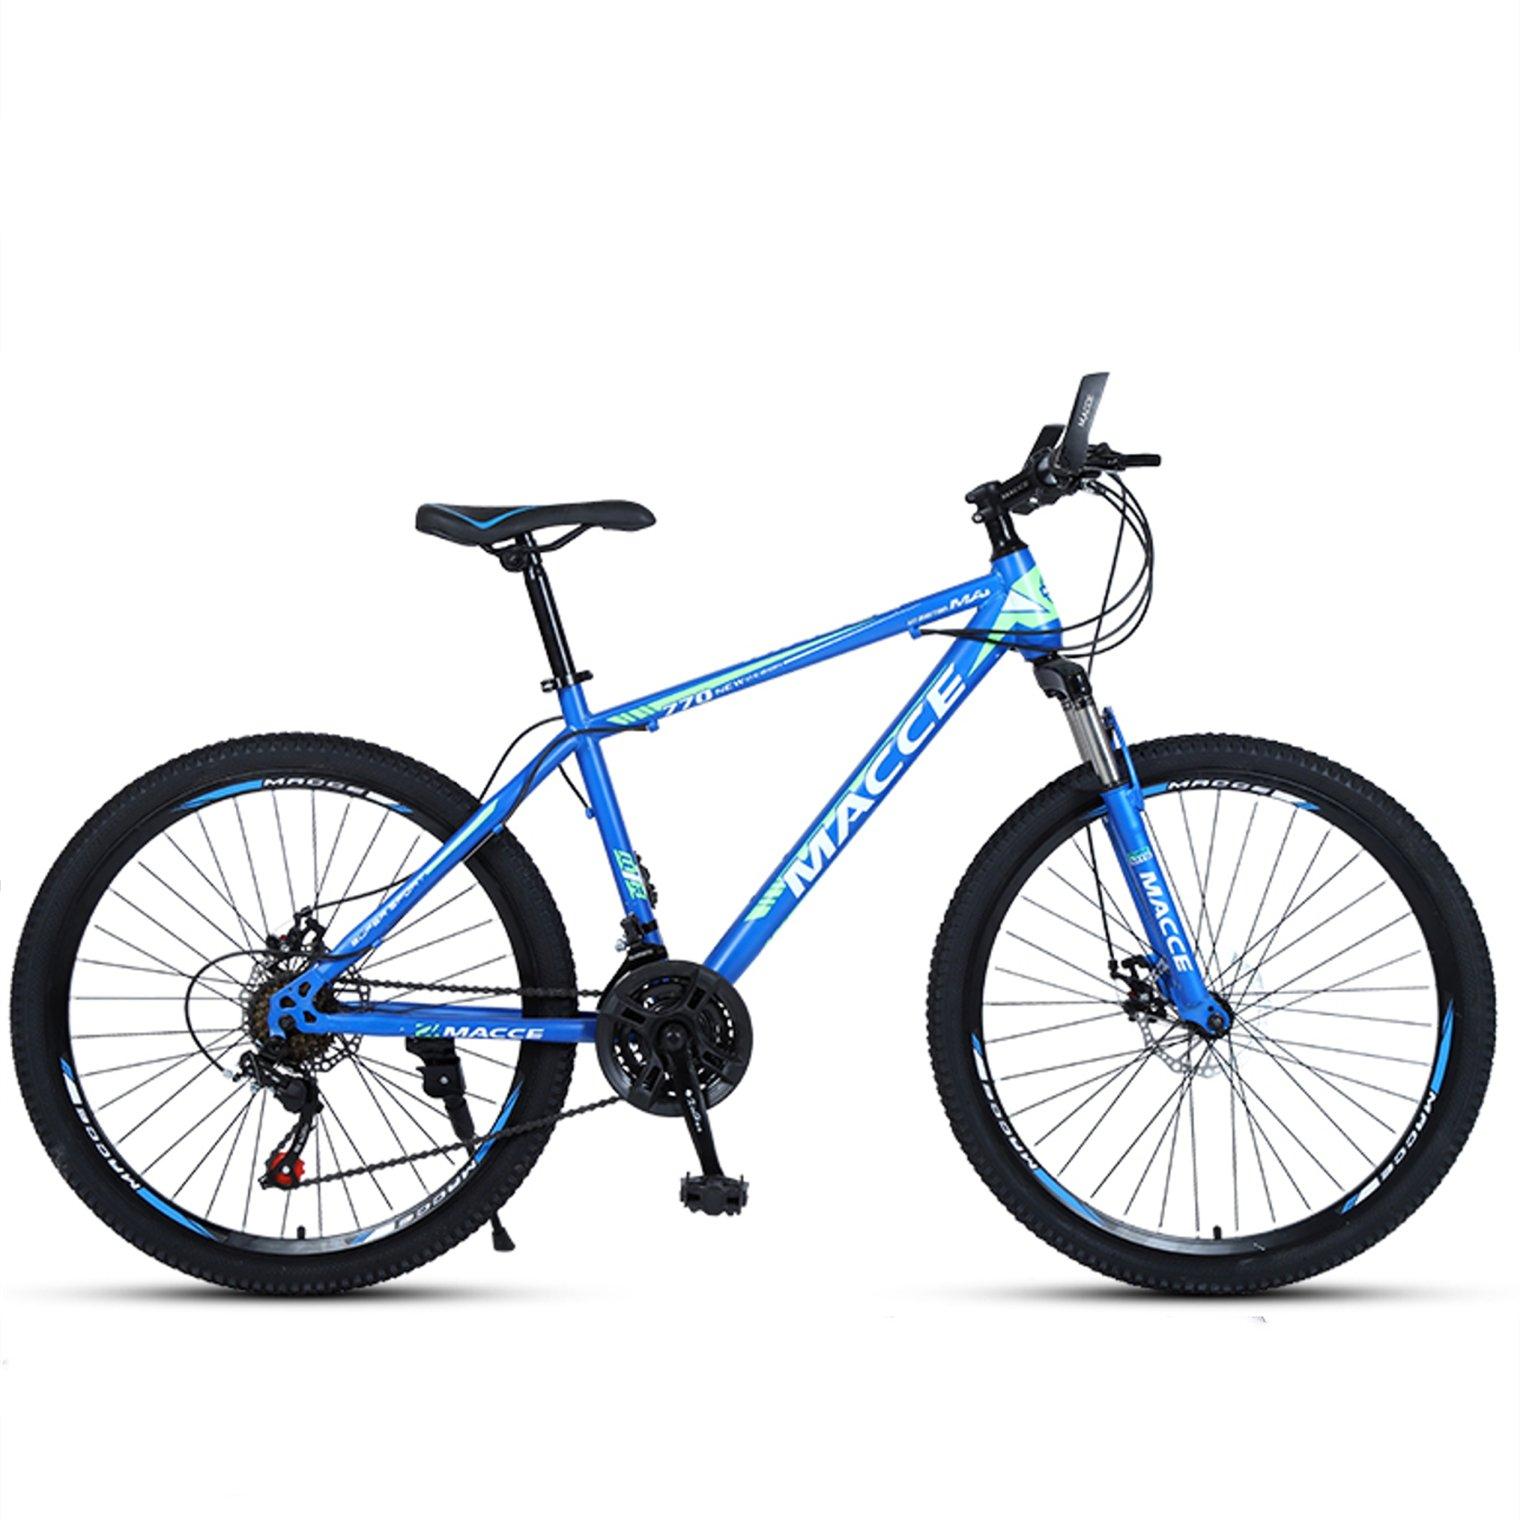 24-inch, 26-inch new warhawk blue spoke wheels mountain bike 21-speed, 24-speed, 27-speed